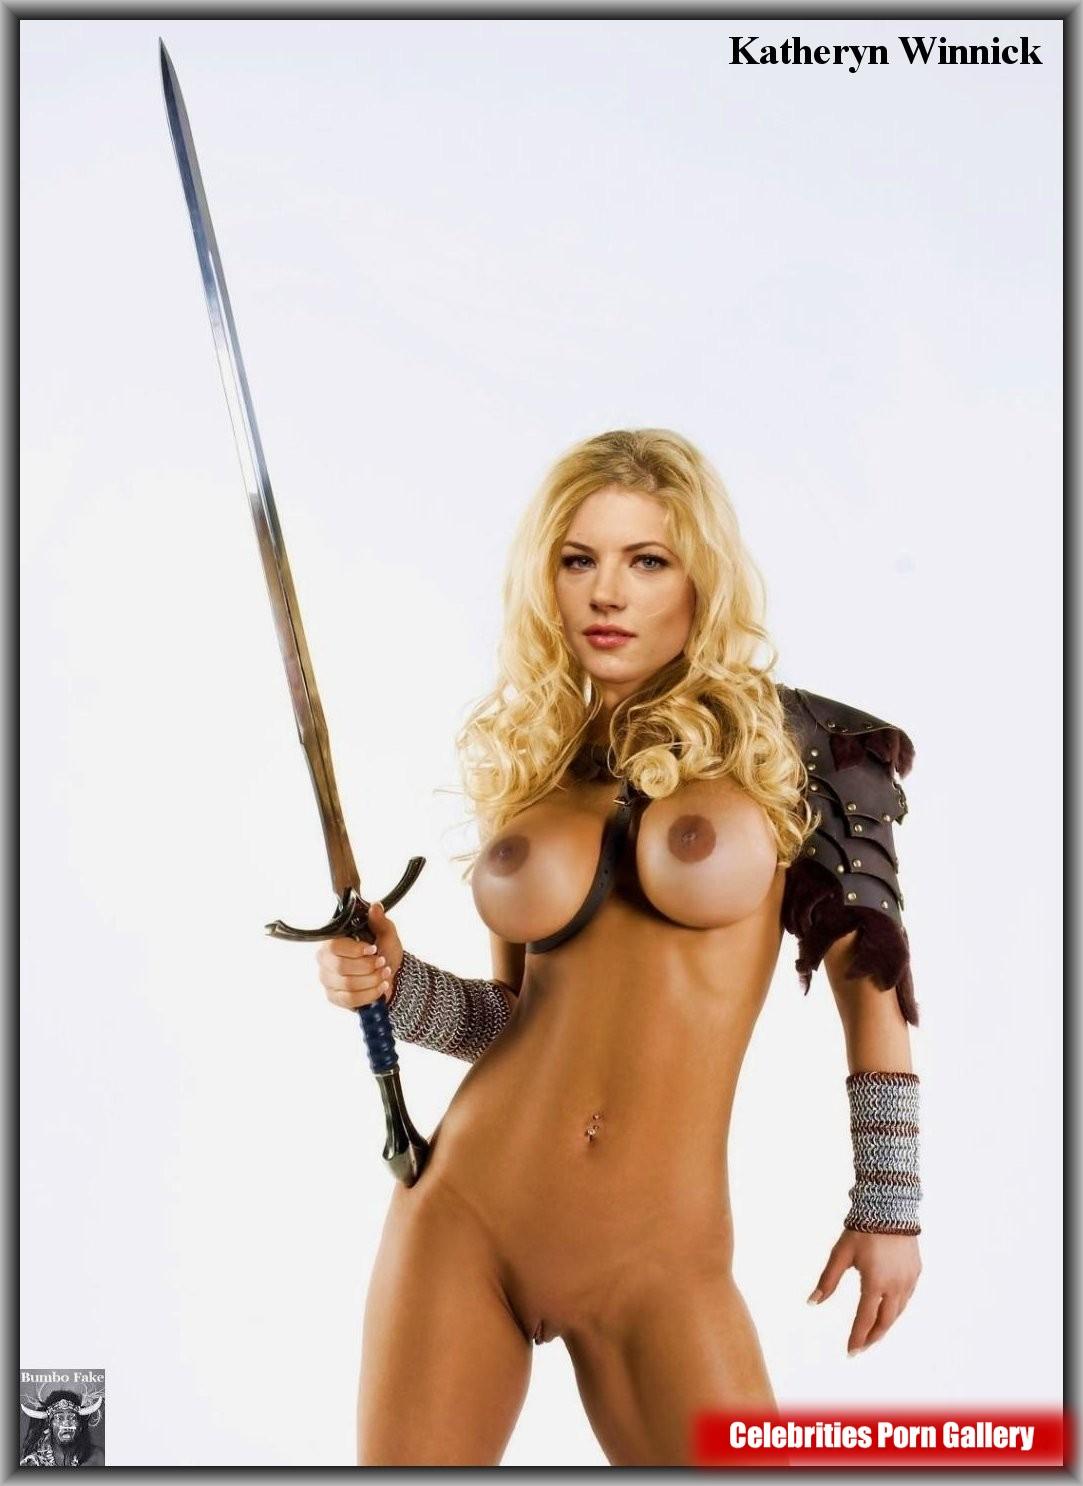 Katheryn winnick nude scene